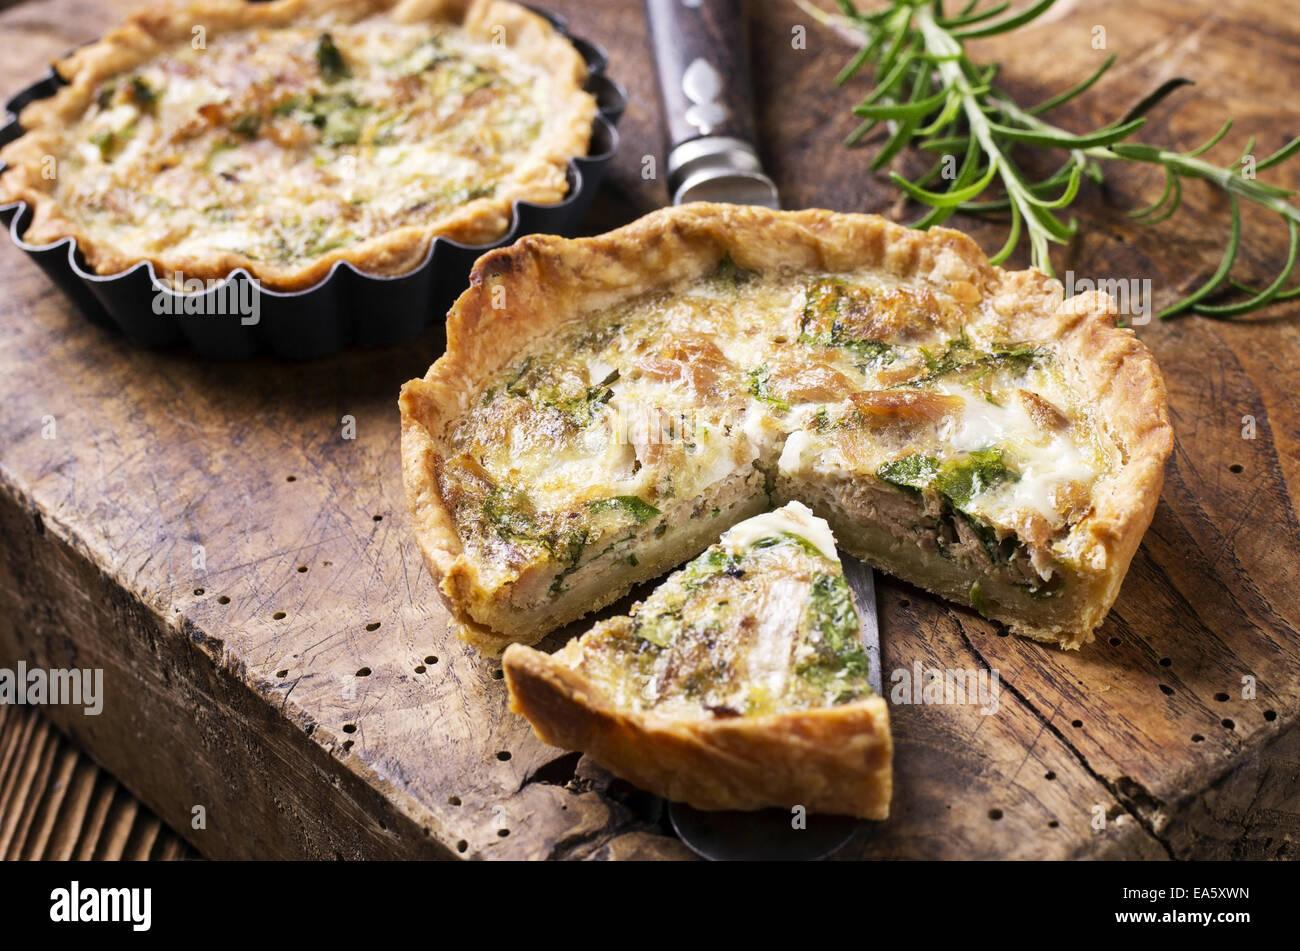 quiche with tuna fish - Stock Image